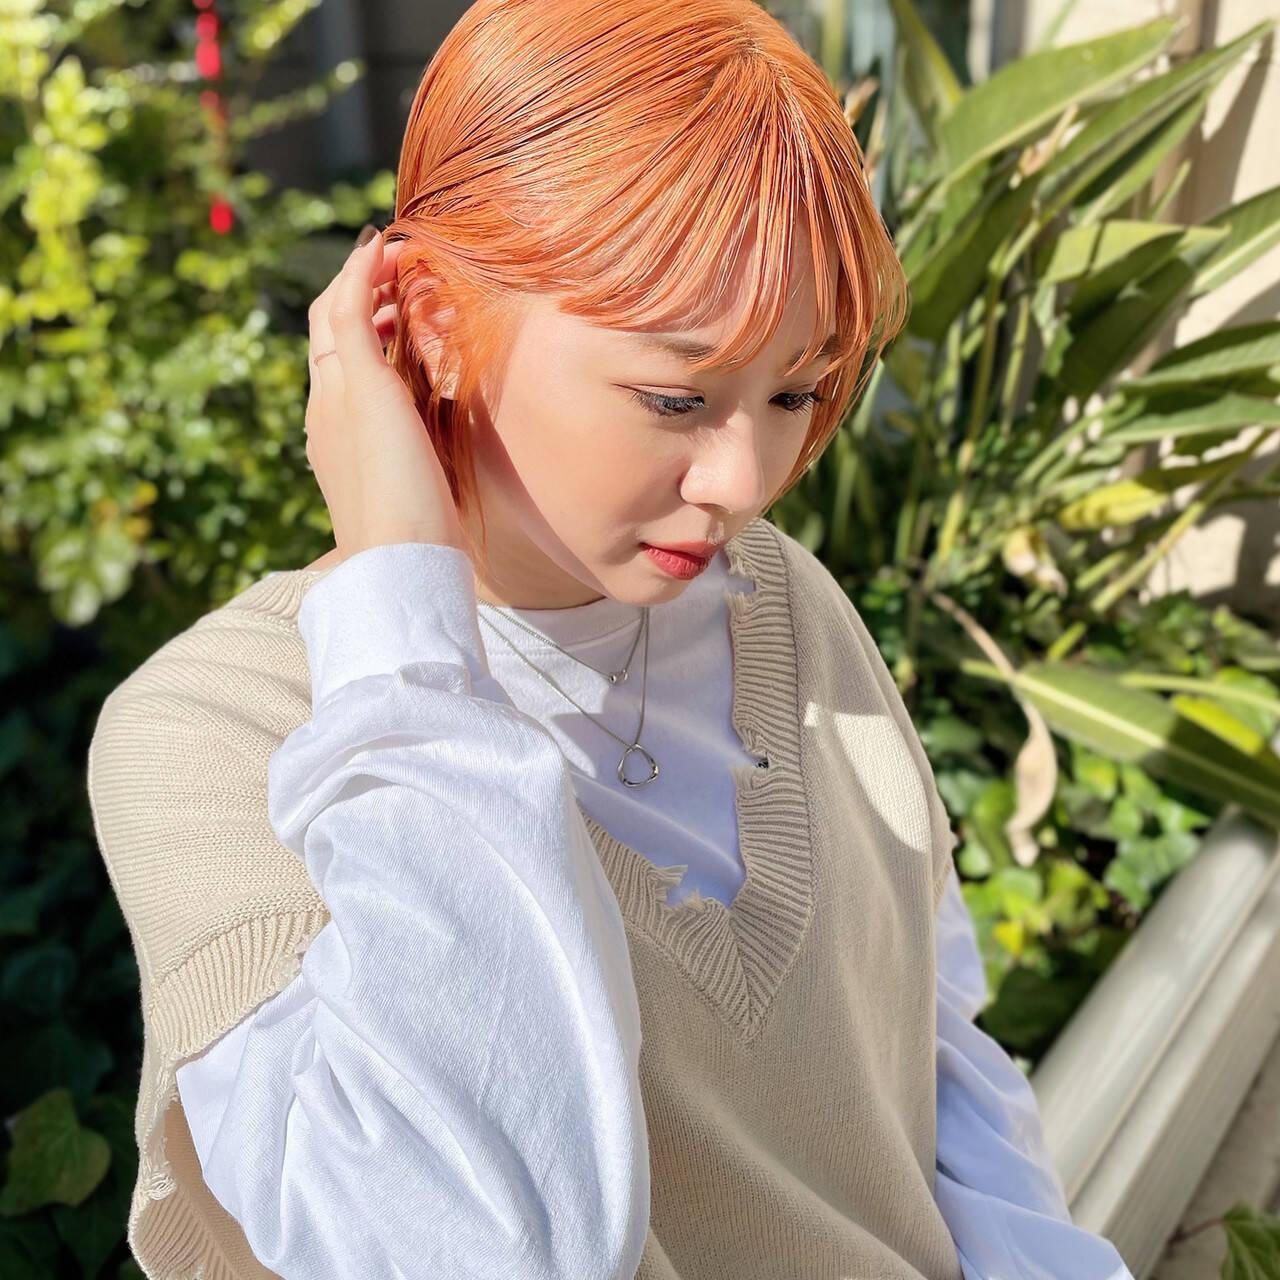 切りっぱなしボブ デザインカラー ストリート オレンジカラーヘアスタイルや髪型の写真・画像